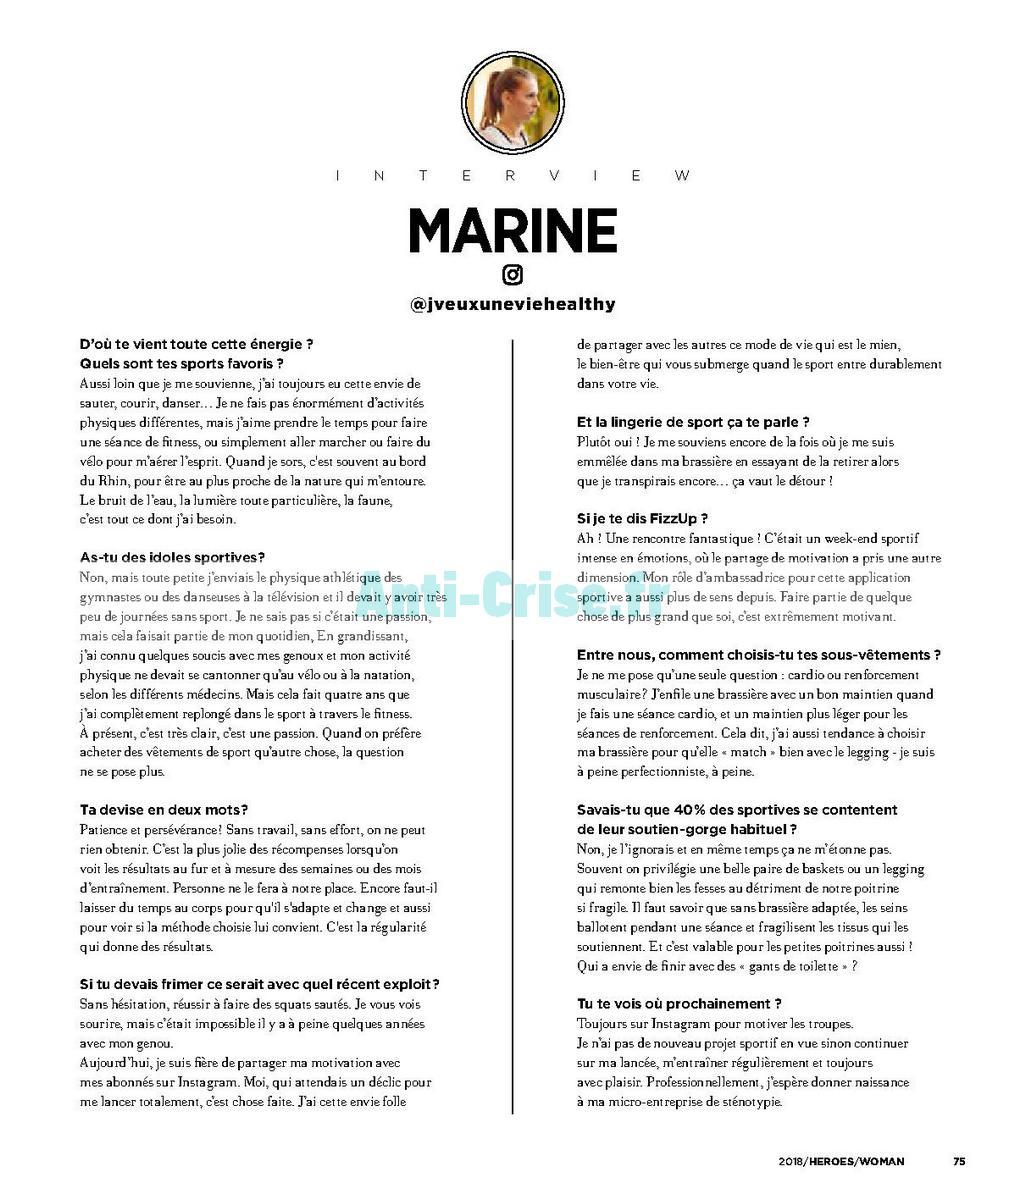 decembre2018 Catalogue Go Sport du 28 avril au 31 décembre 2018 (Spécial Femme) (75)